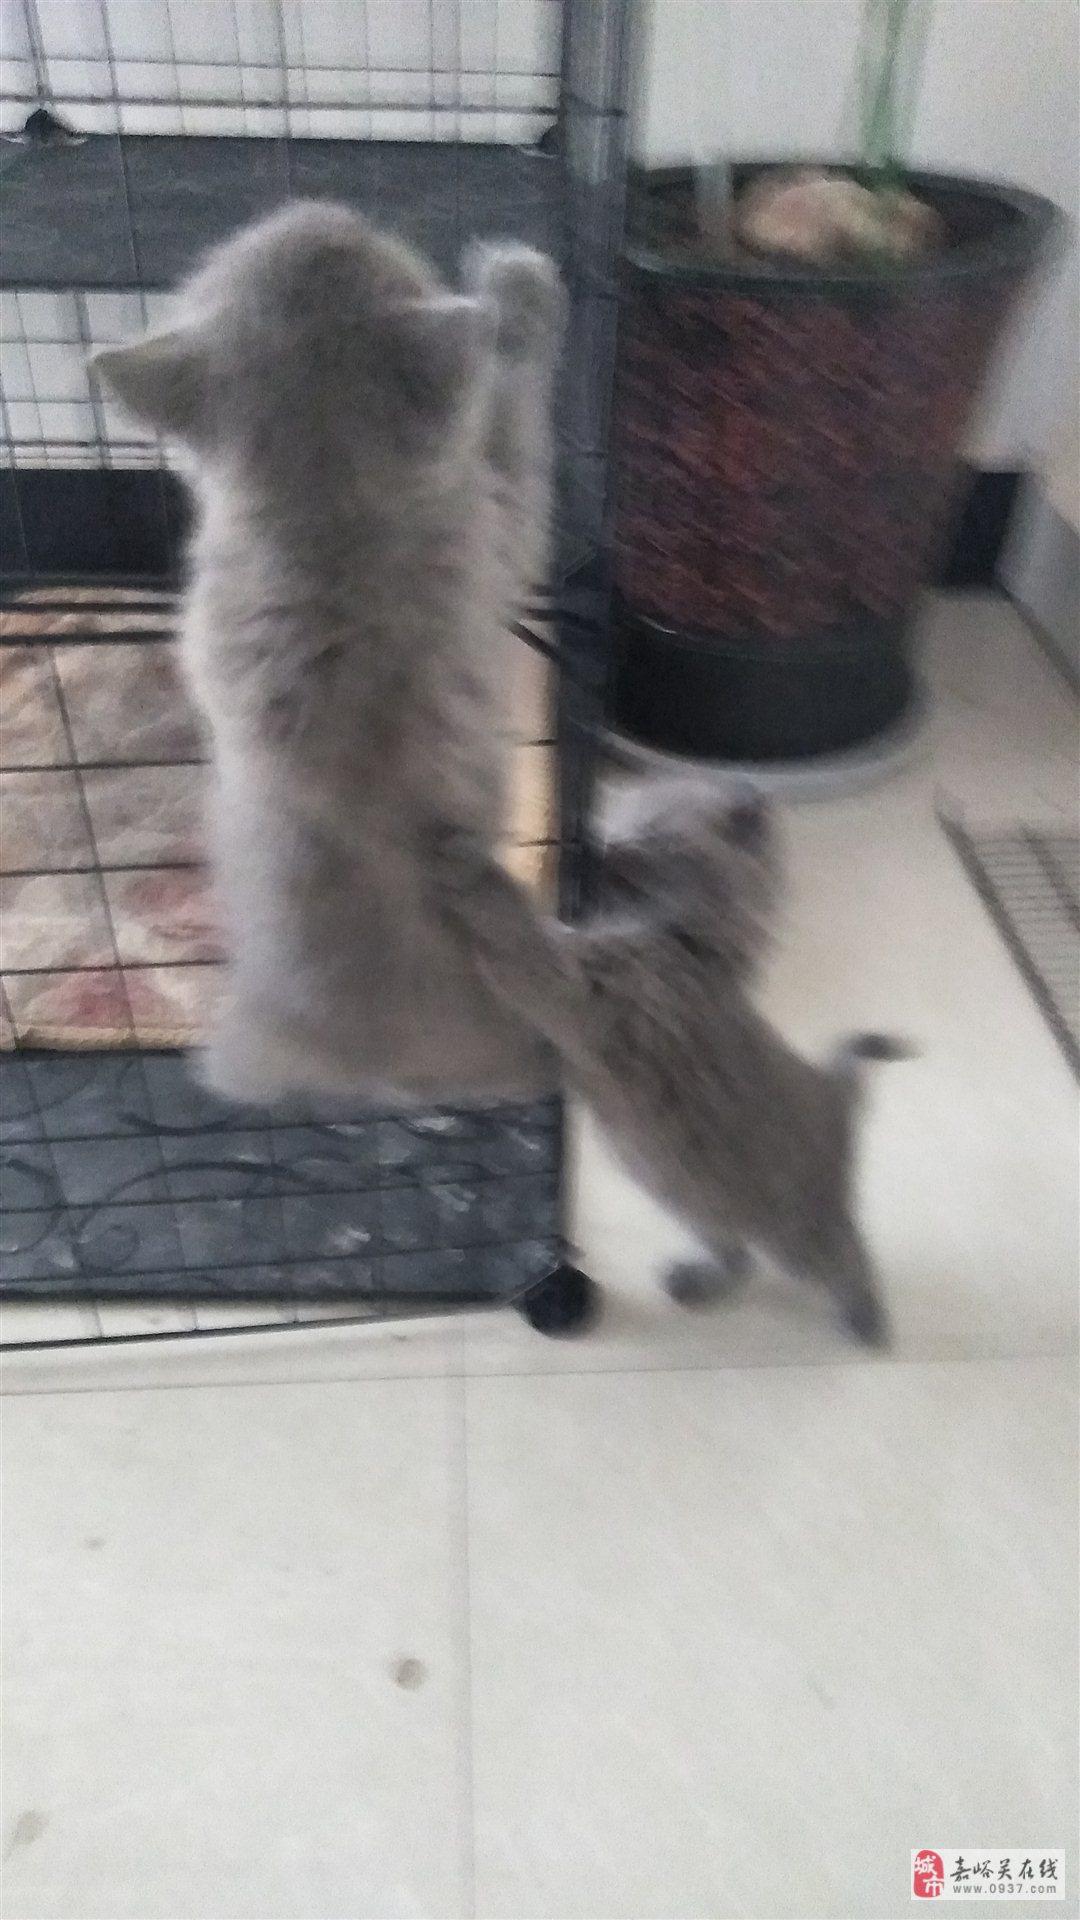 蓝猫妹妹两只